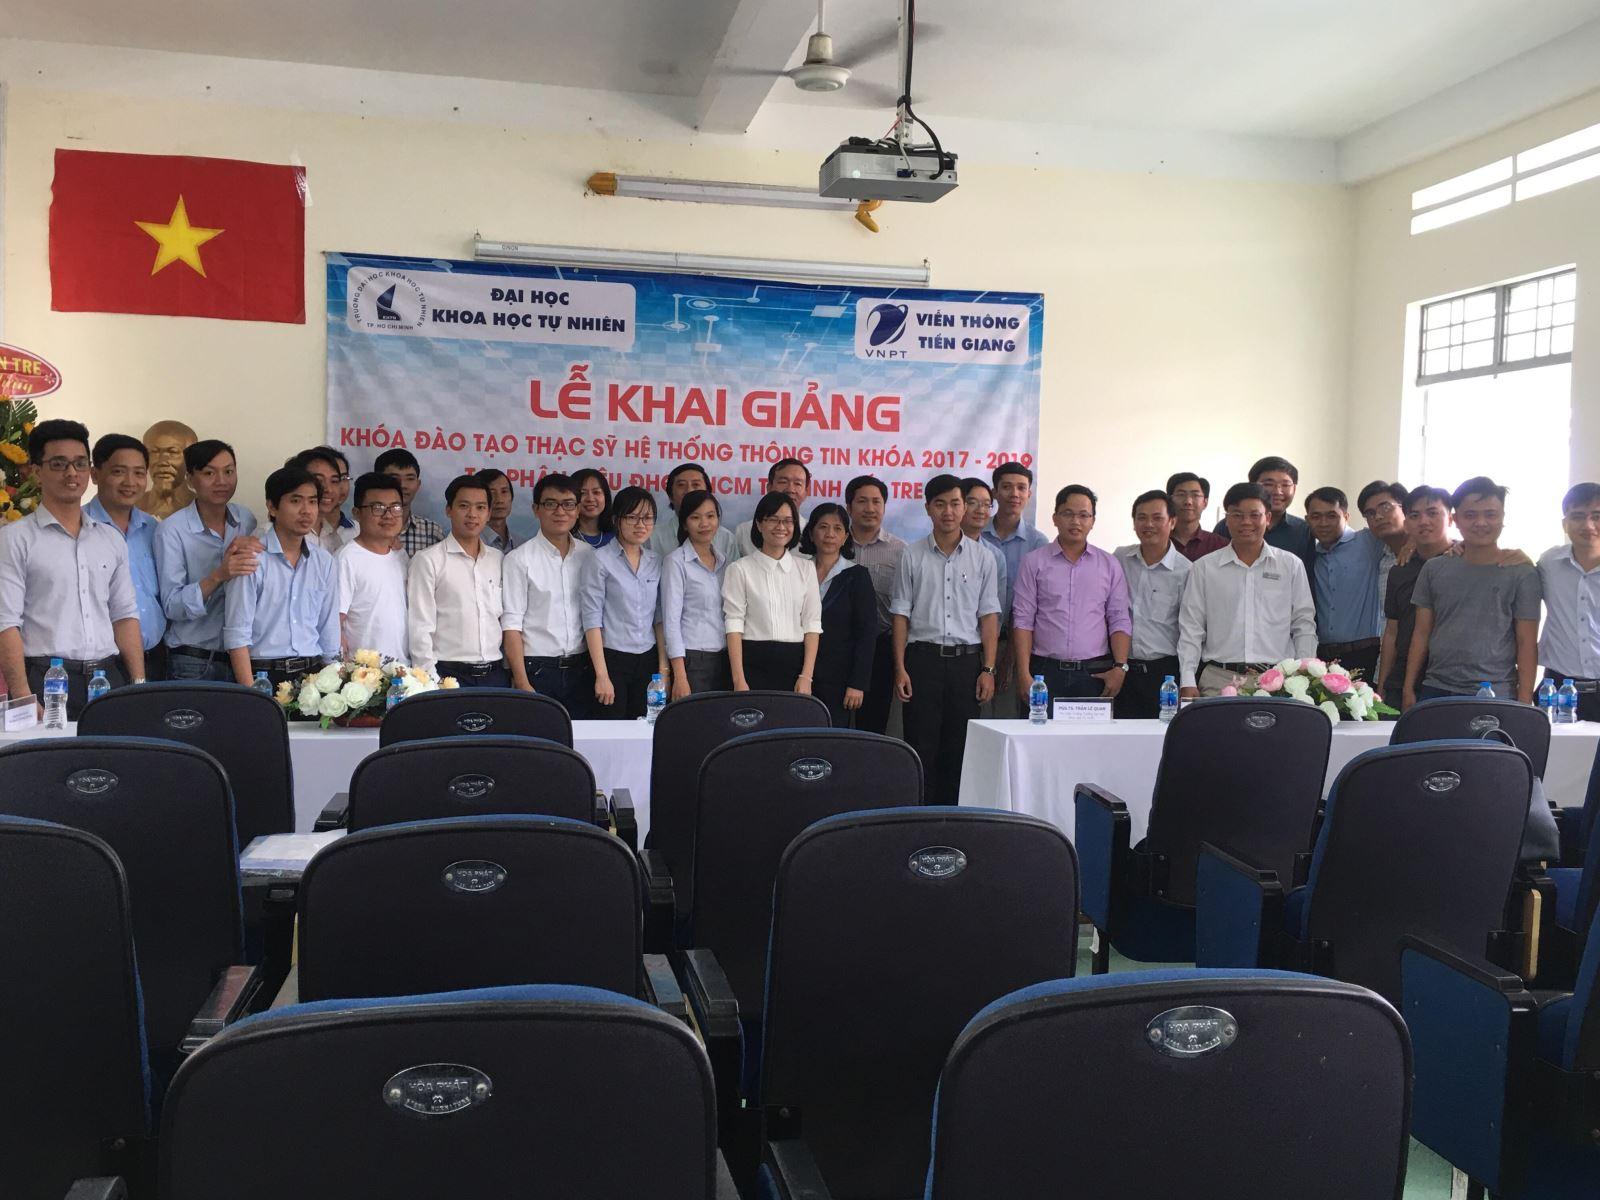 Lễ Khai giảng Khóa đào tạo Thạc sỹ Hệ thống thông tin Khóa 2017 - 2019 tại Phân hiệu ĐHQG-HCM tại tỉnh Bến Tre